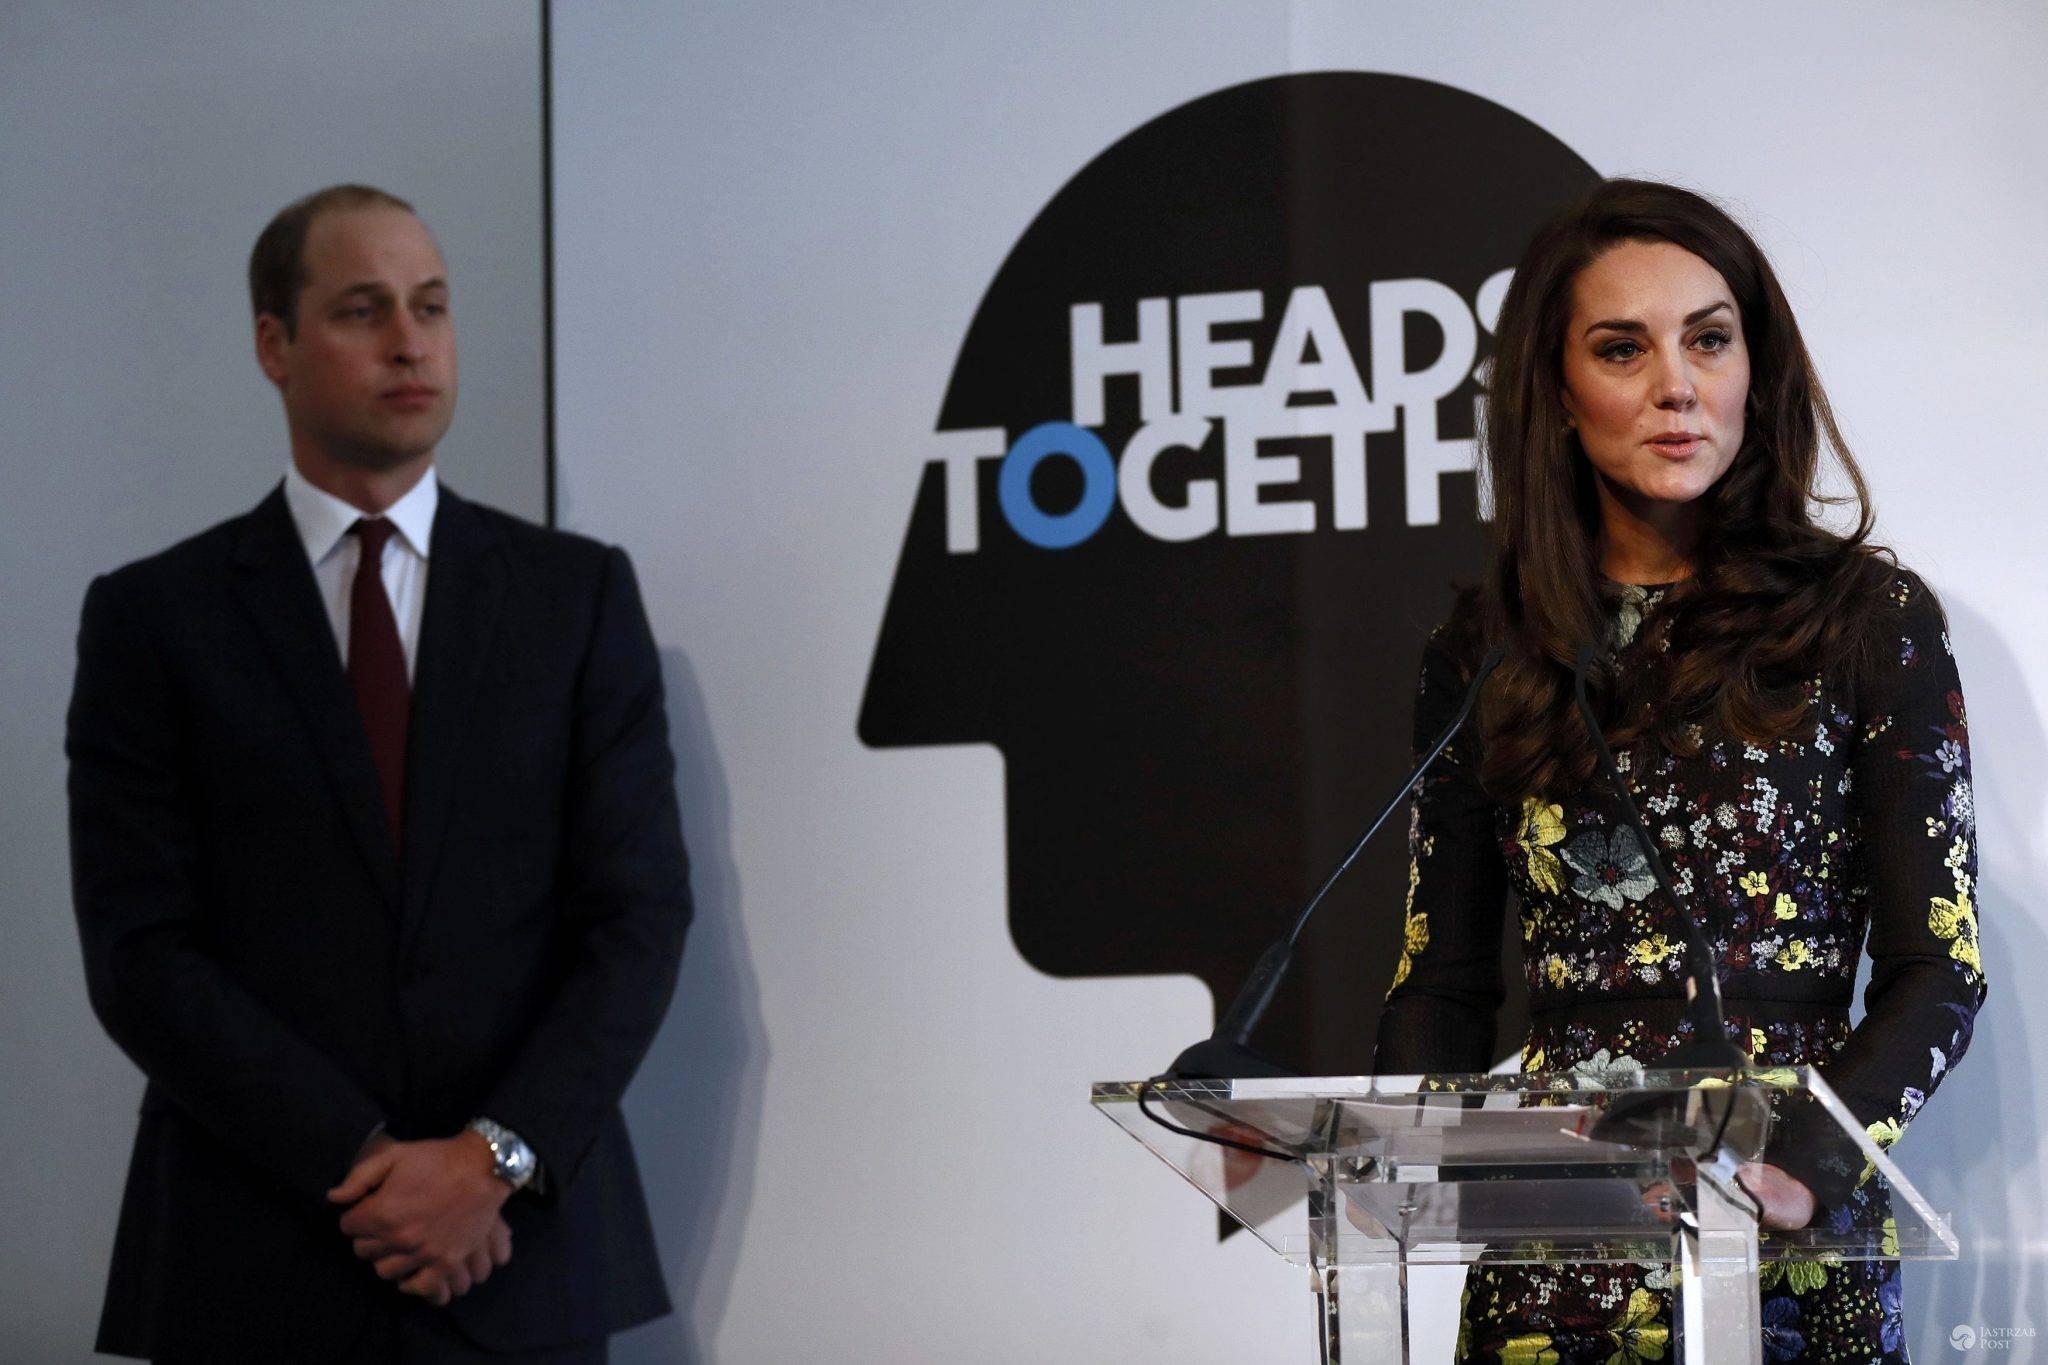 Niepokojący wygląd księżnej Kate